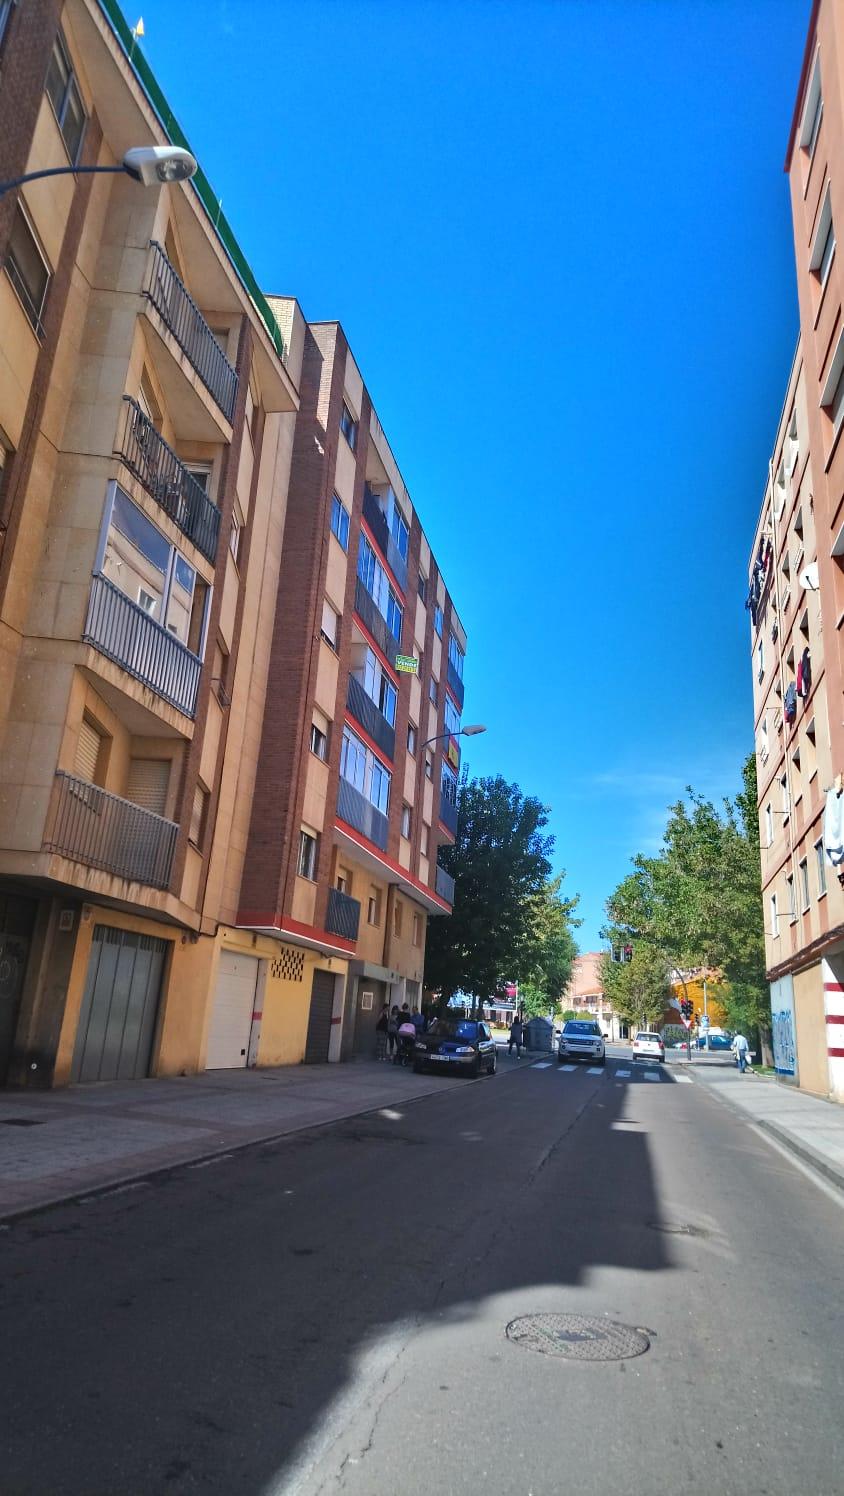 PISO DE TRES DORMITORIOS EN CALLE REGATO DEL ANIS (REF: 61LL) - foto 7 74743942-223b-4d3f-b741-8a3bbd4a911b.jpg